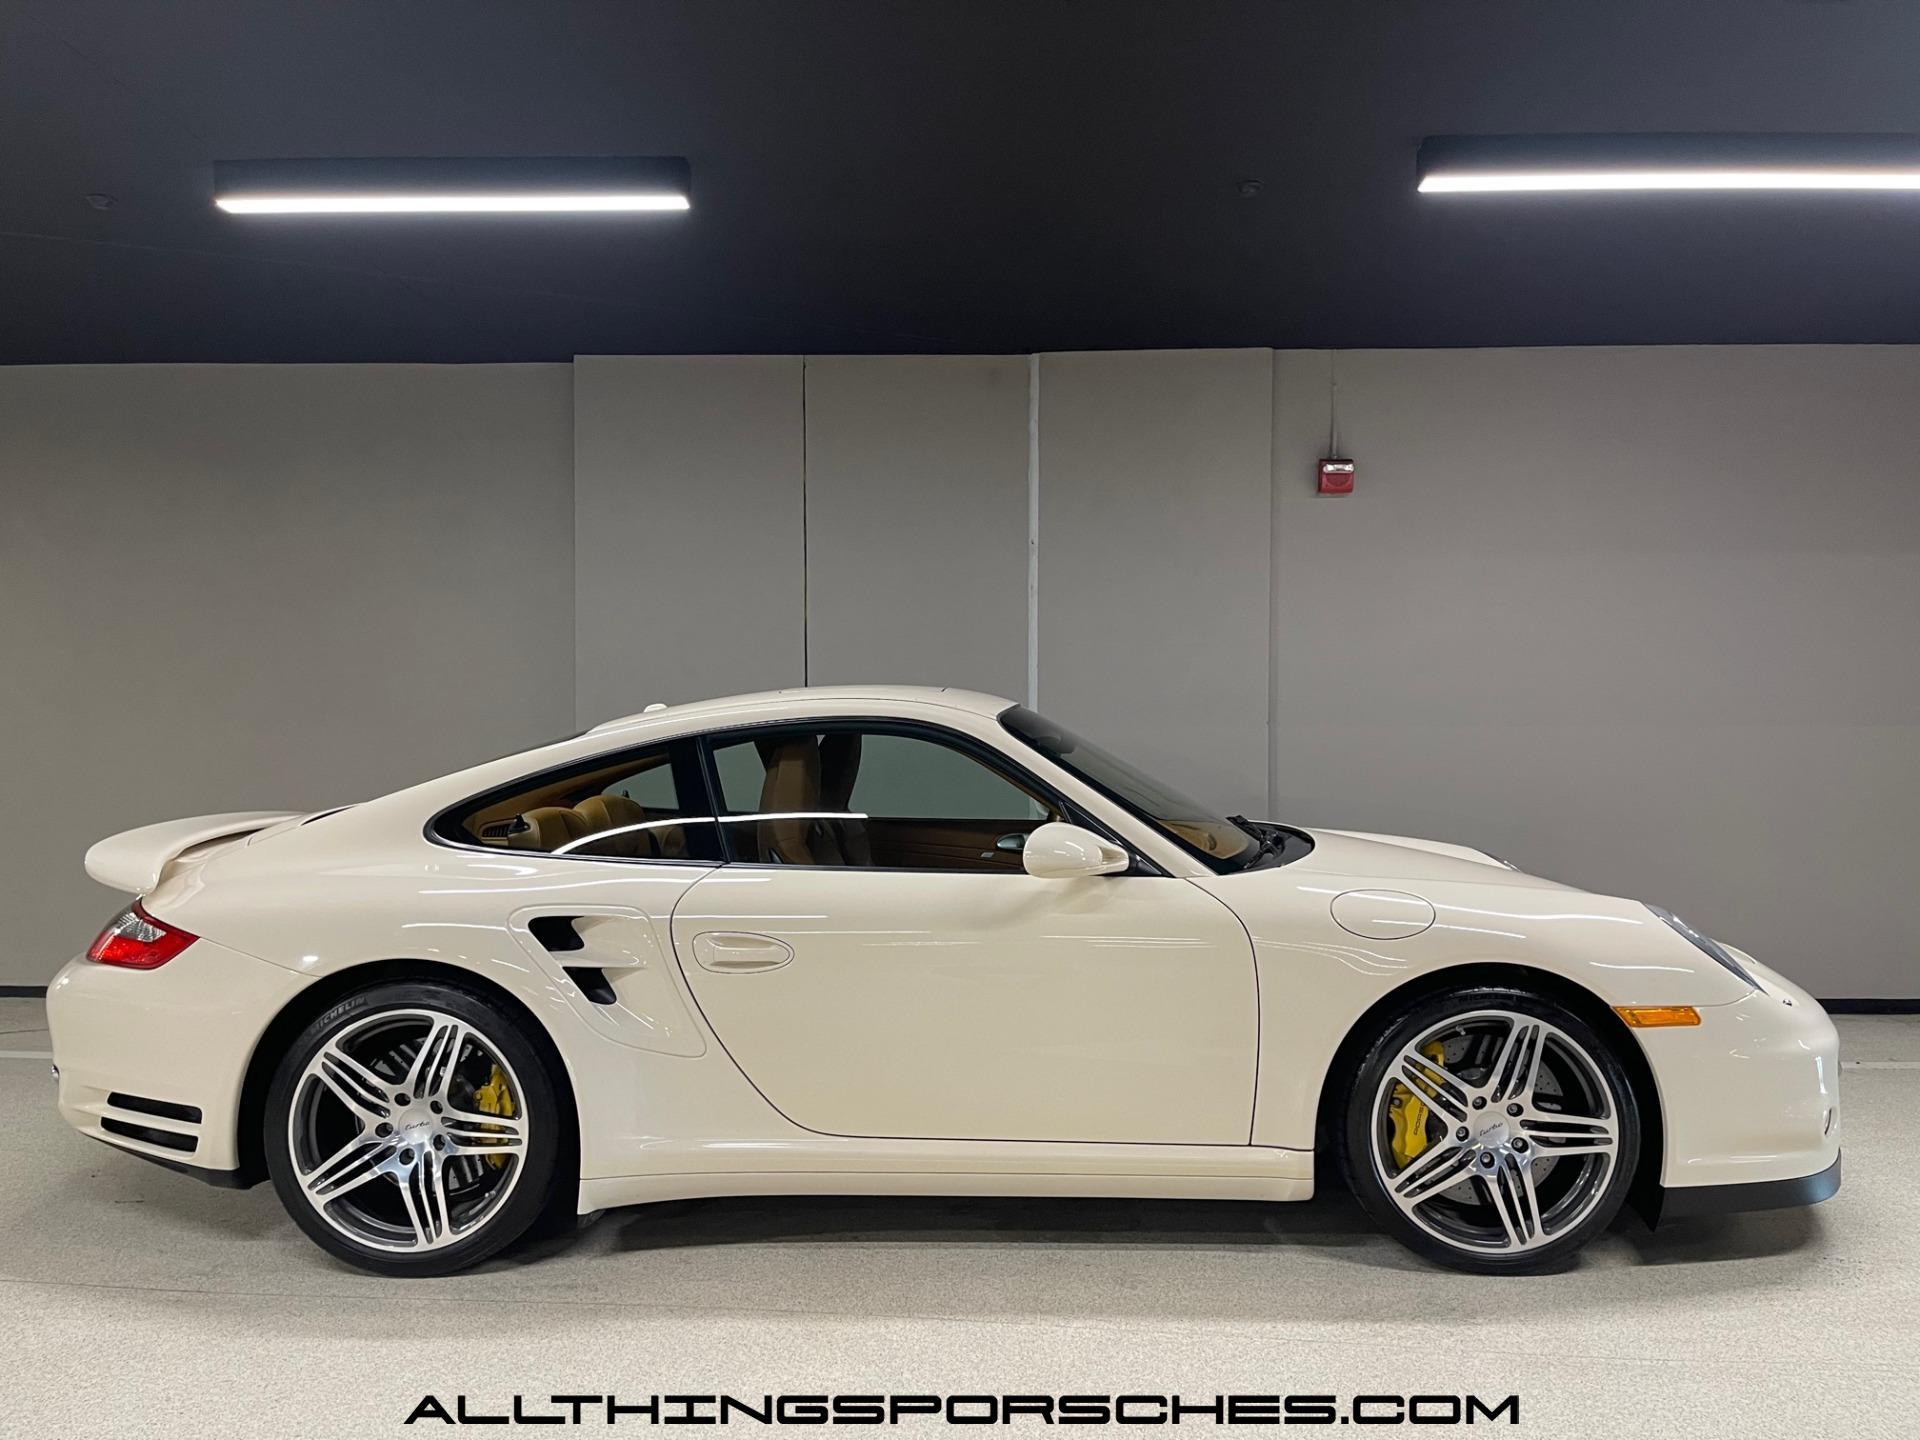 Used 2009 Porsche 911 Turbo | North Miami Beach, FL